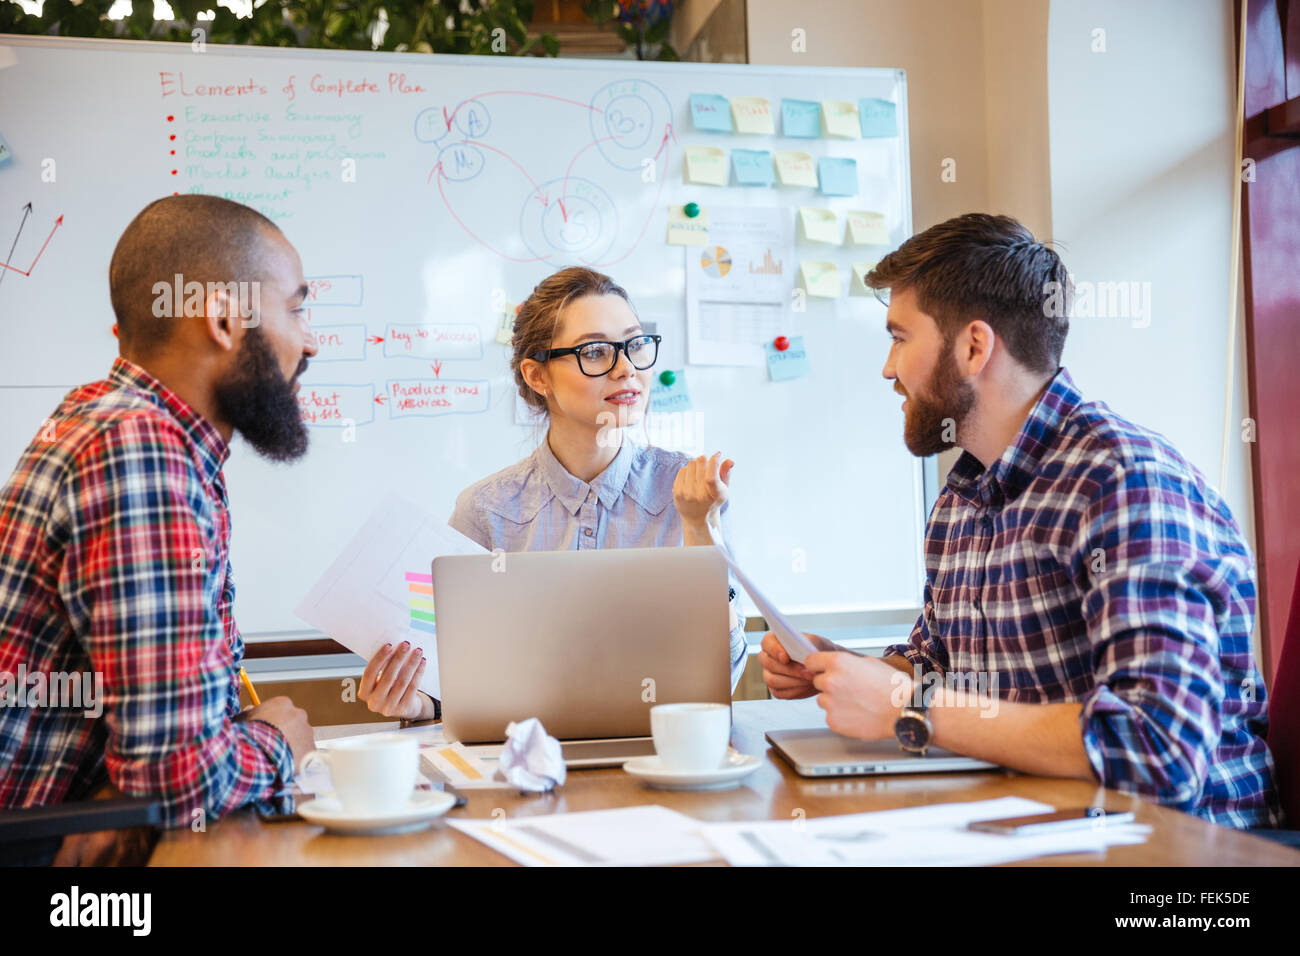 Gruppo serio di giovani che lavorano sulla riunione di affari insieme Immagini Stock